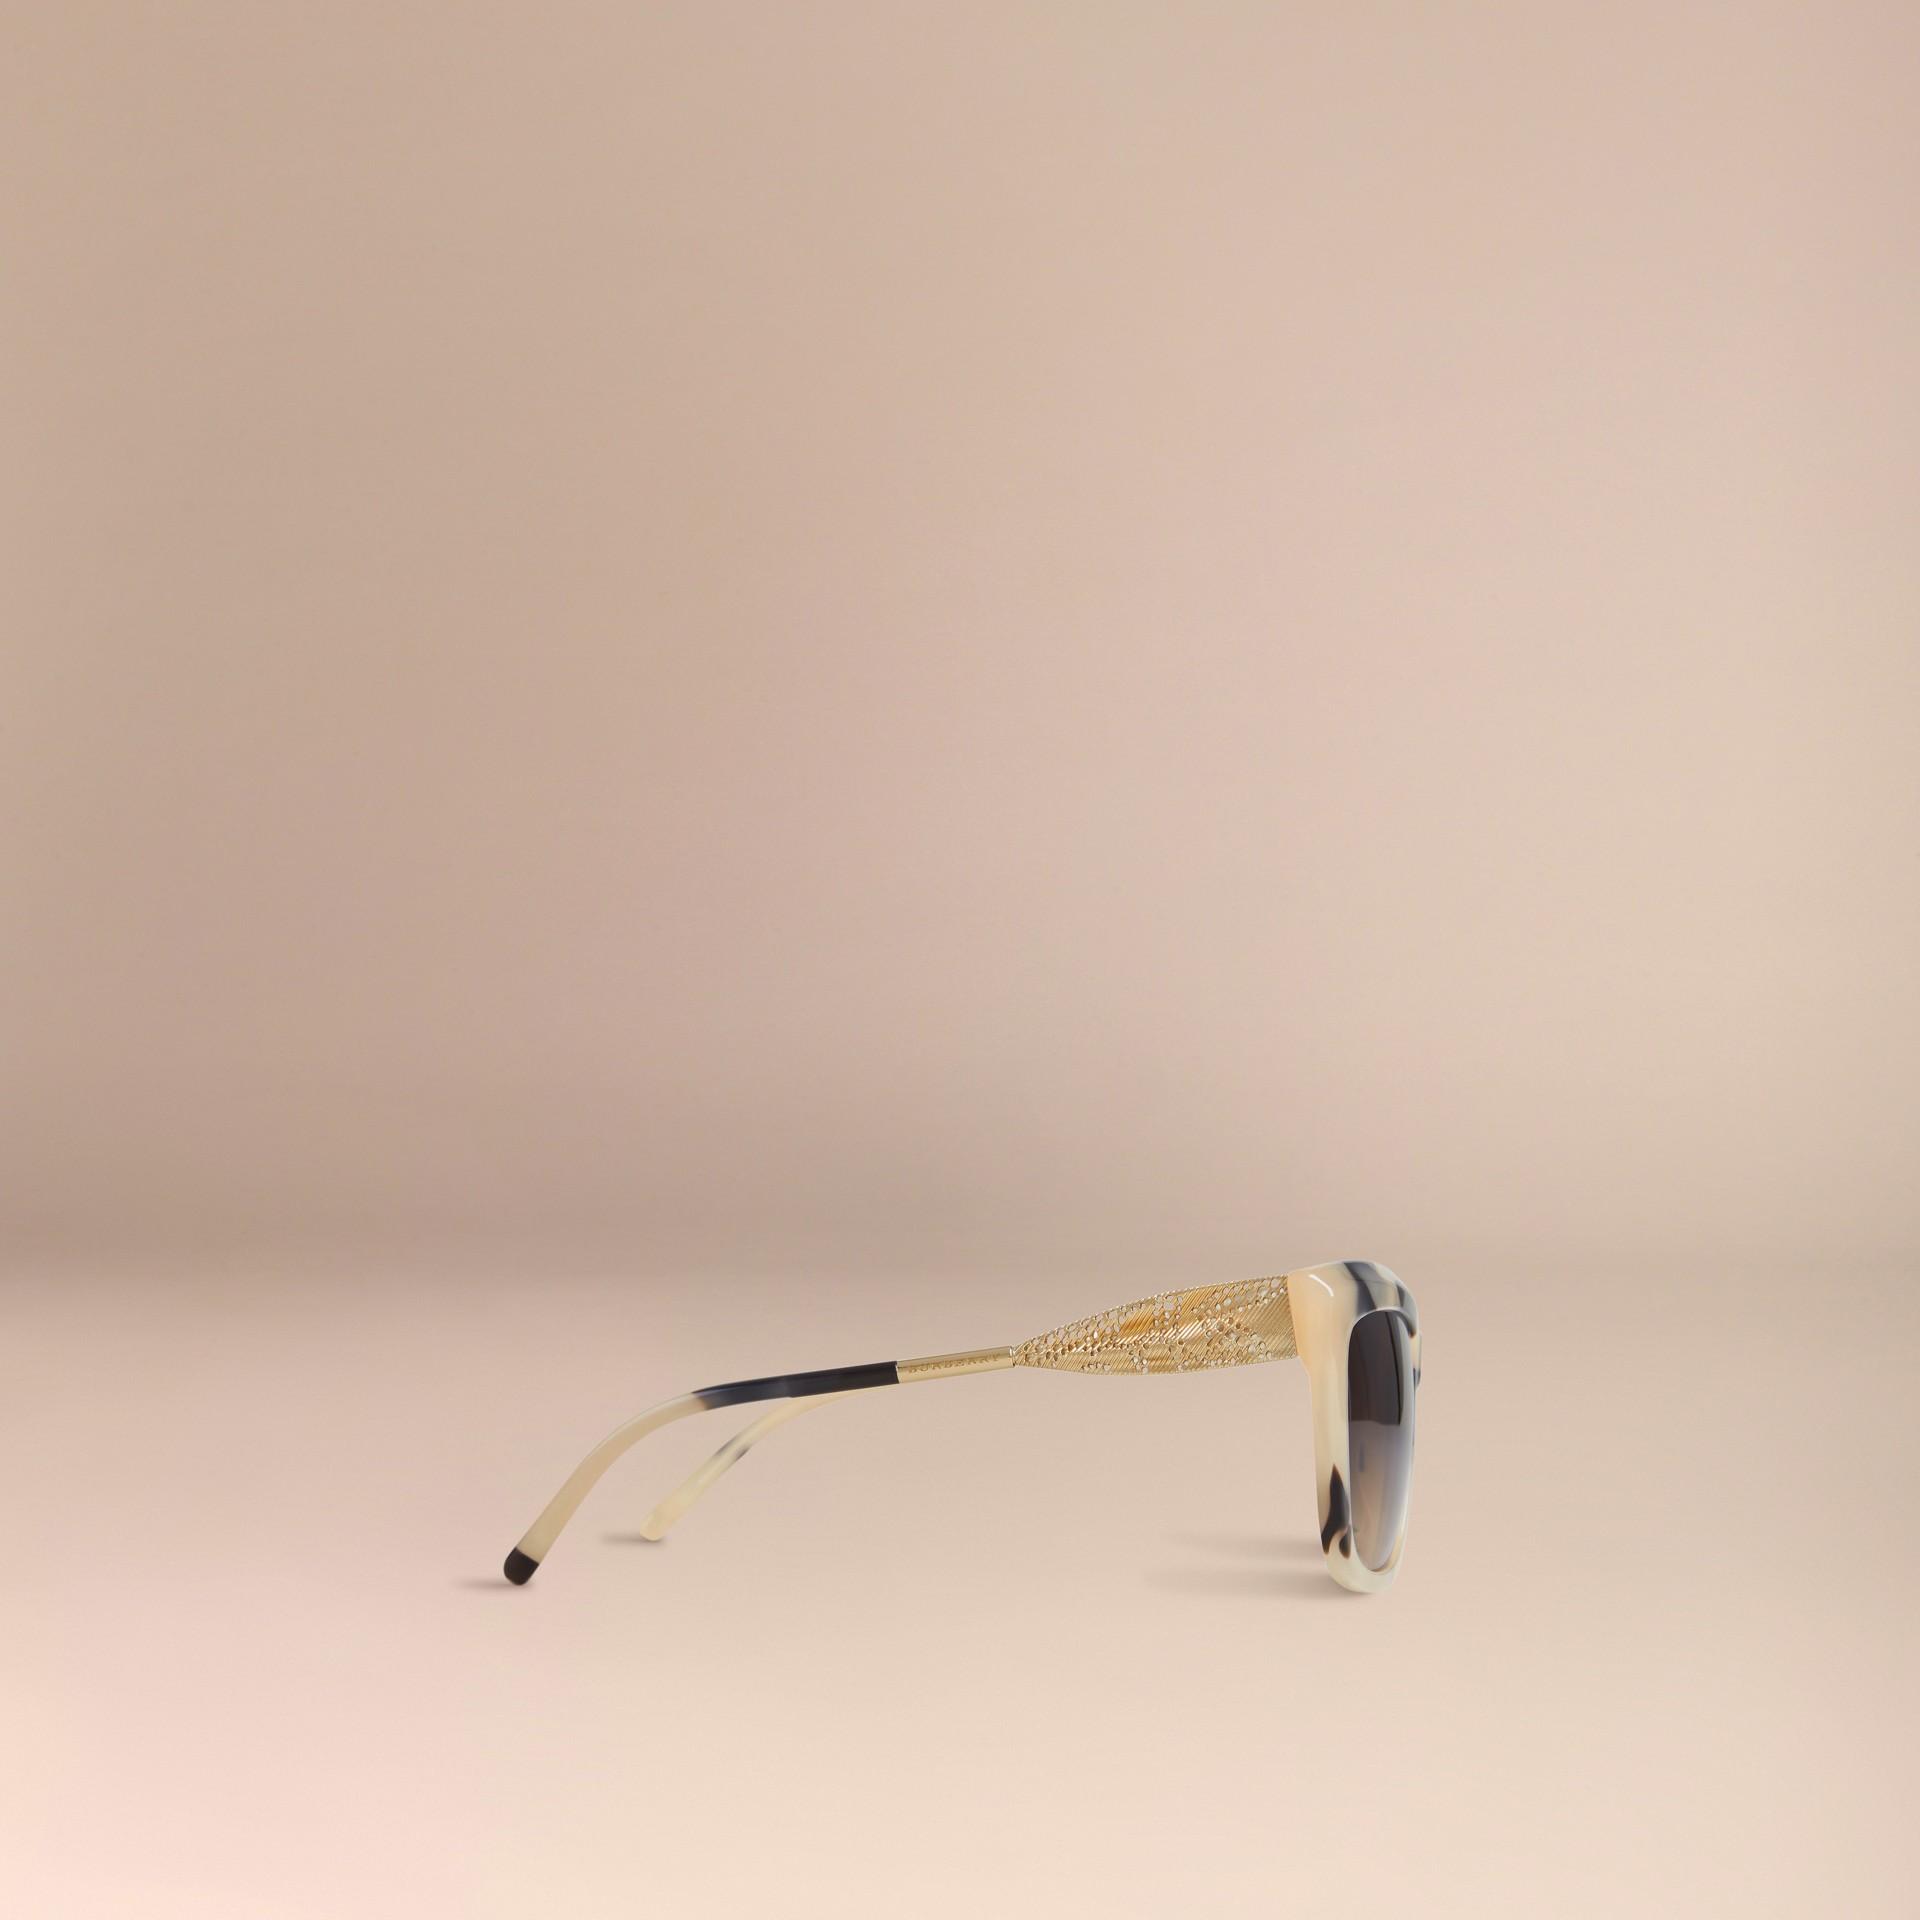 Corne demi-teinte Lunettes de soleil à monture carrée – Collection Dentelle de gabardine Corne Demi-teinte - photo de la galerie 5